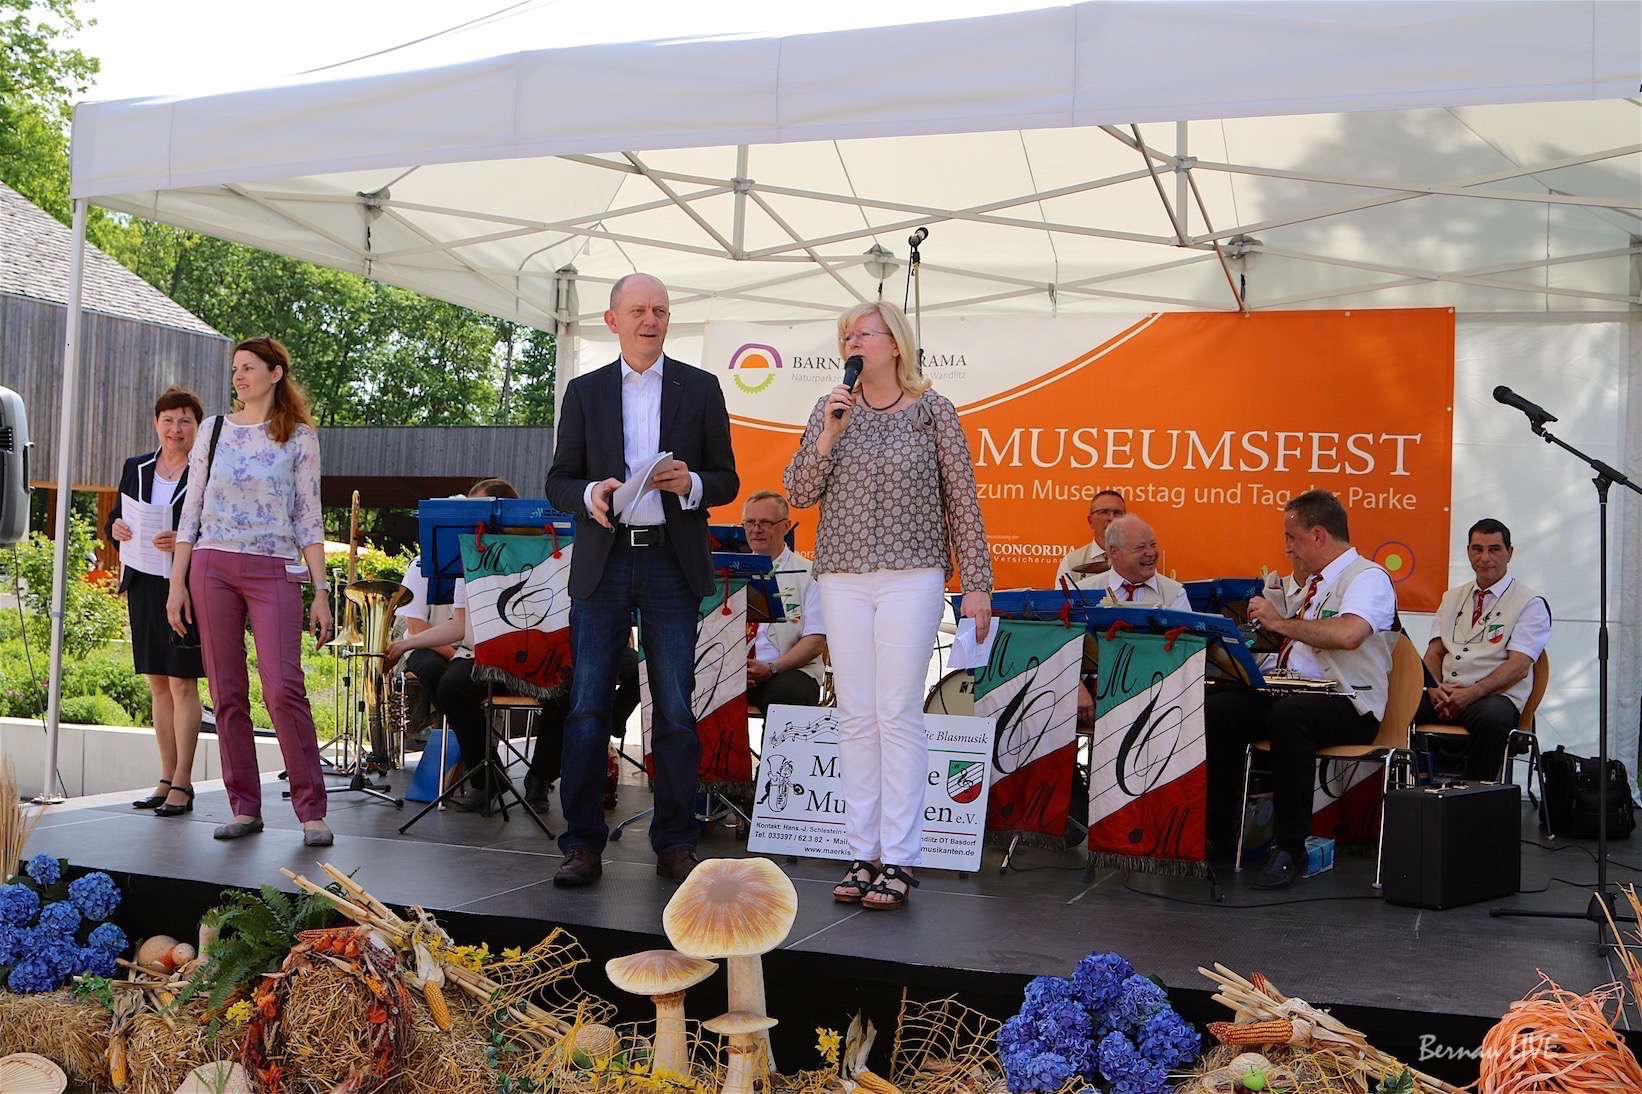 Museumsfest in Wandlitz